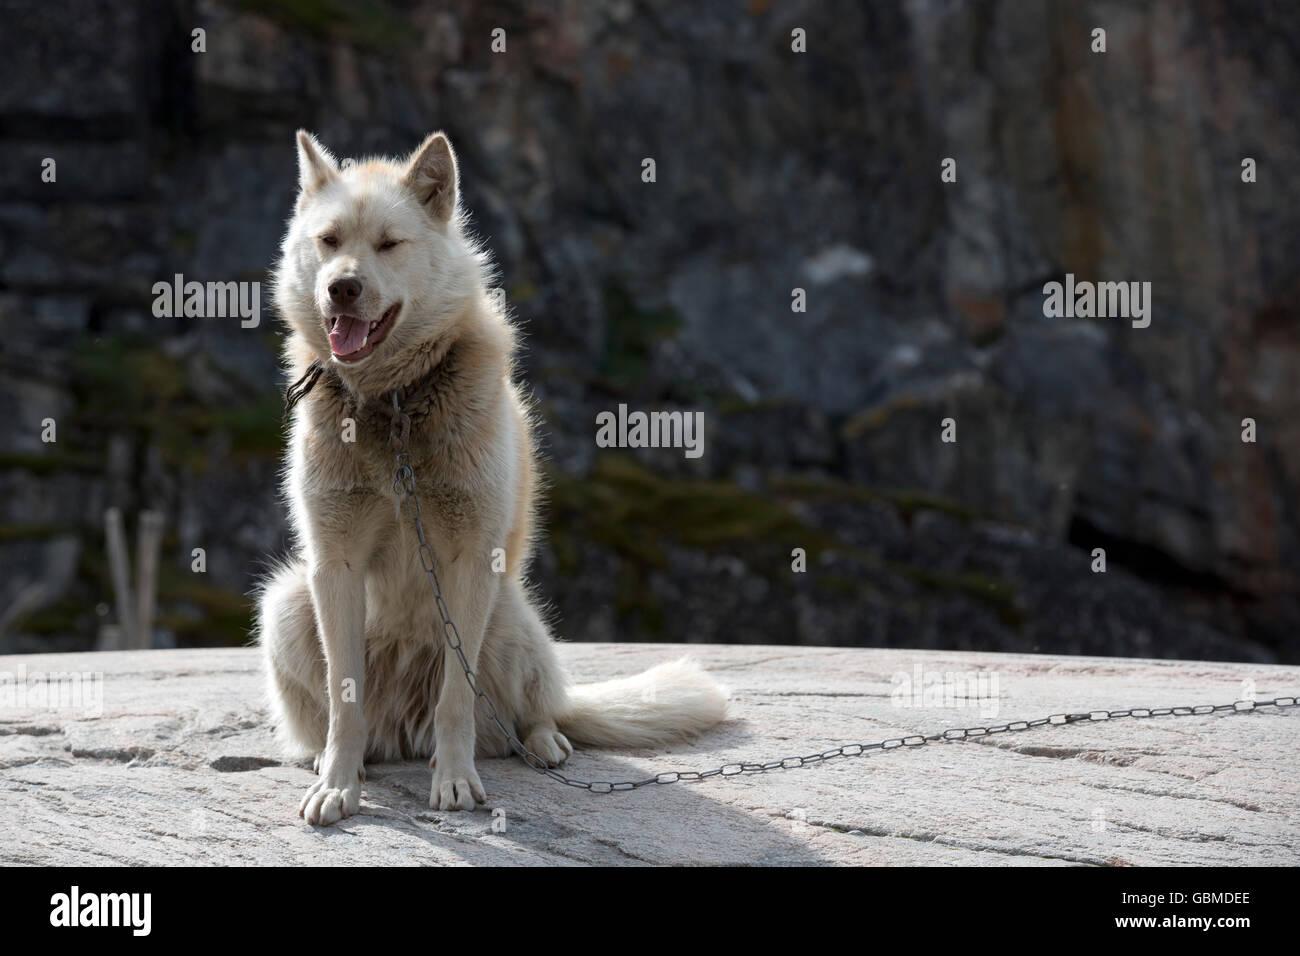 Sledge Dog, Ilulissat, Greenland - Stock Image